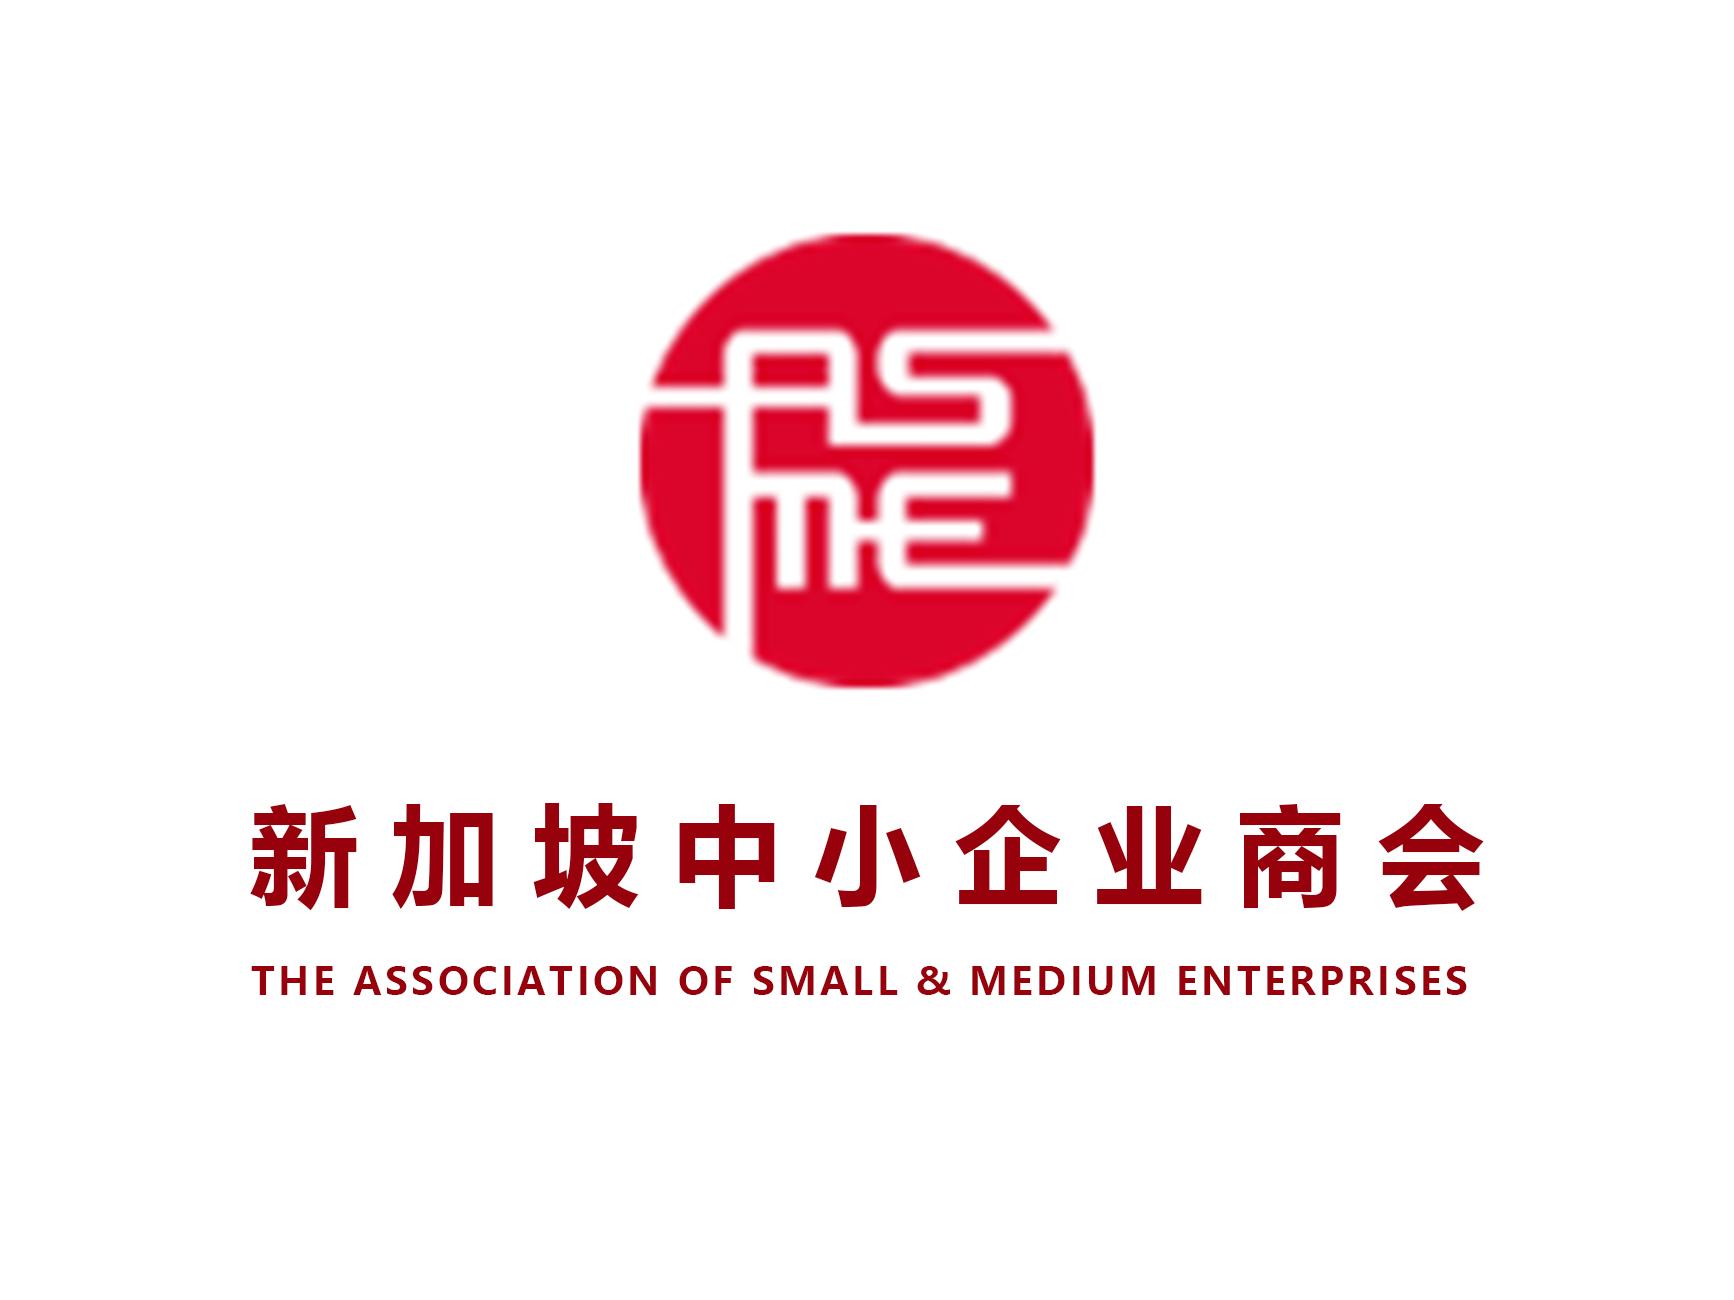 新加坡中小企业商会/ASME